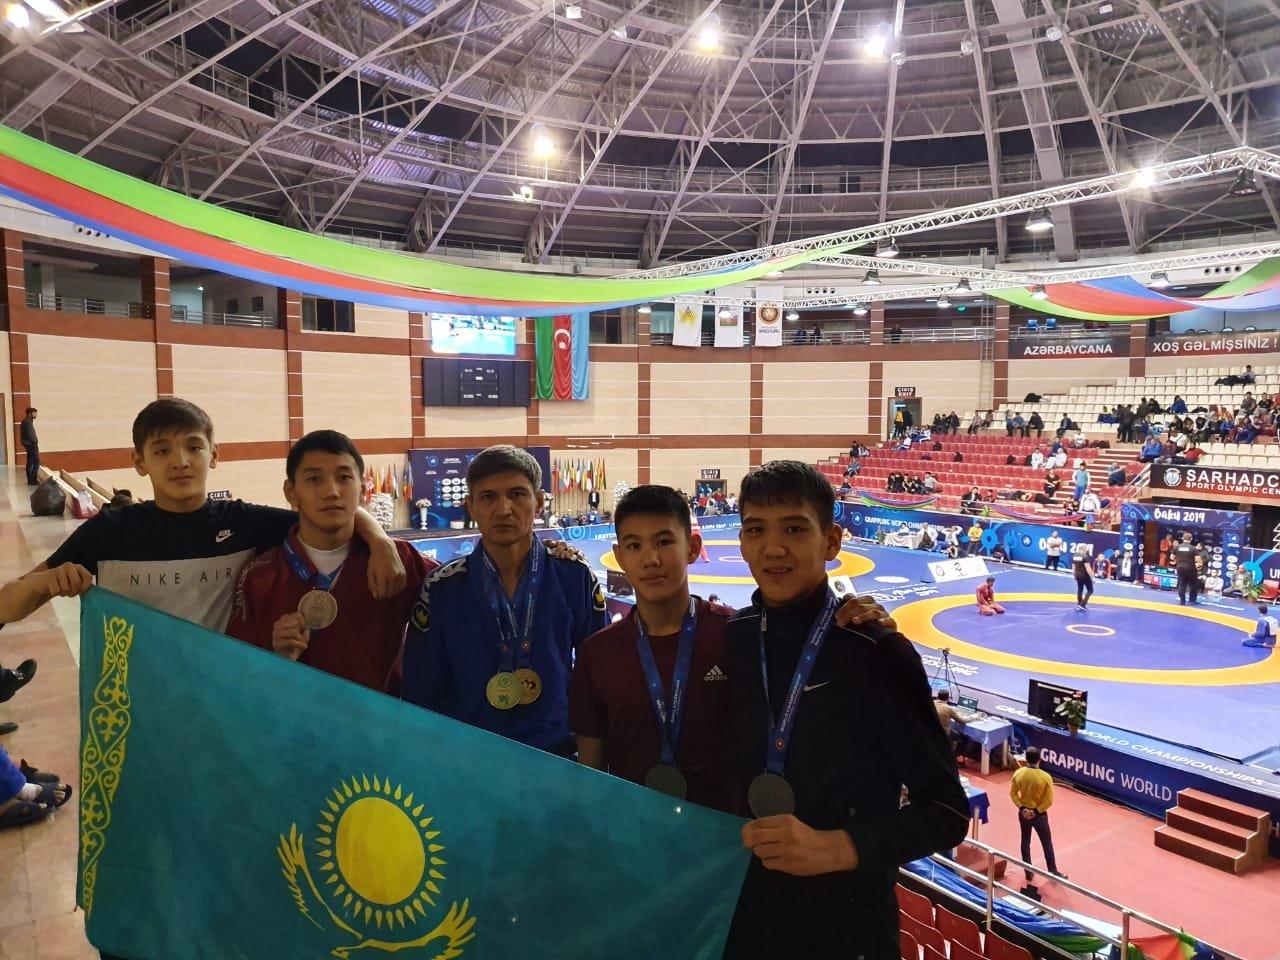 Школьник из Актау стал призером чемпионата мира по грэпплингу, фото-1